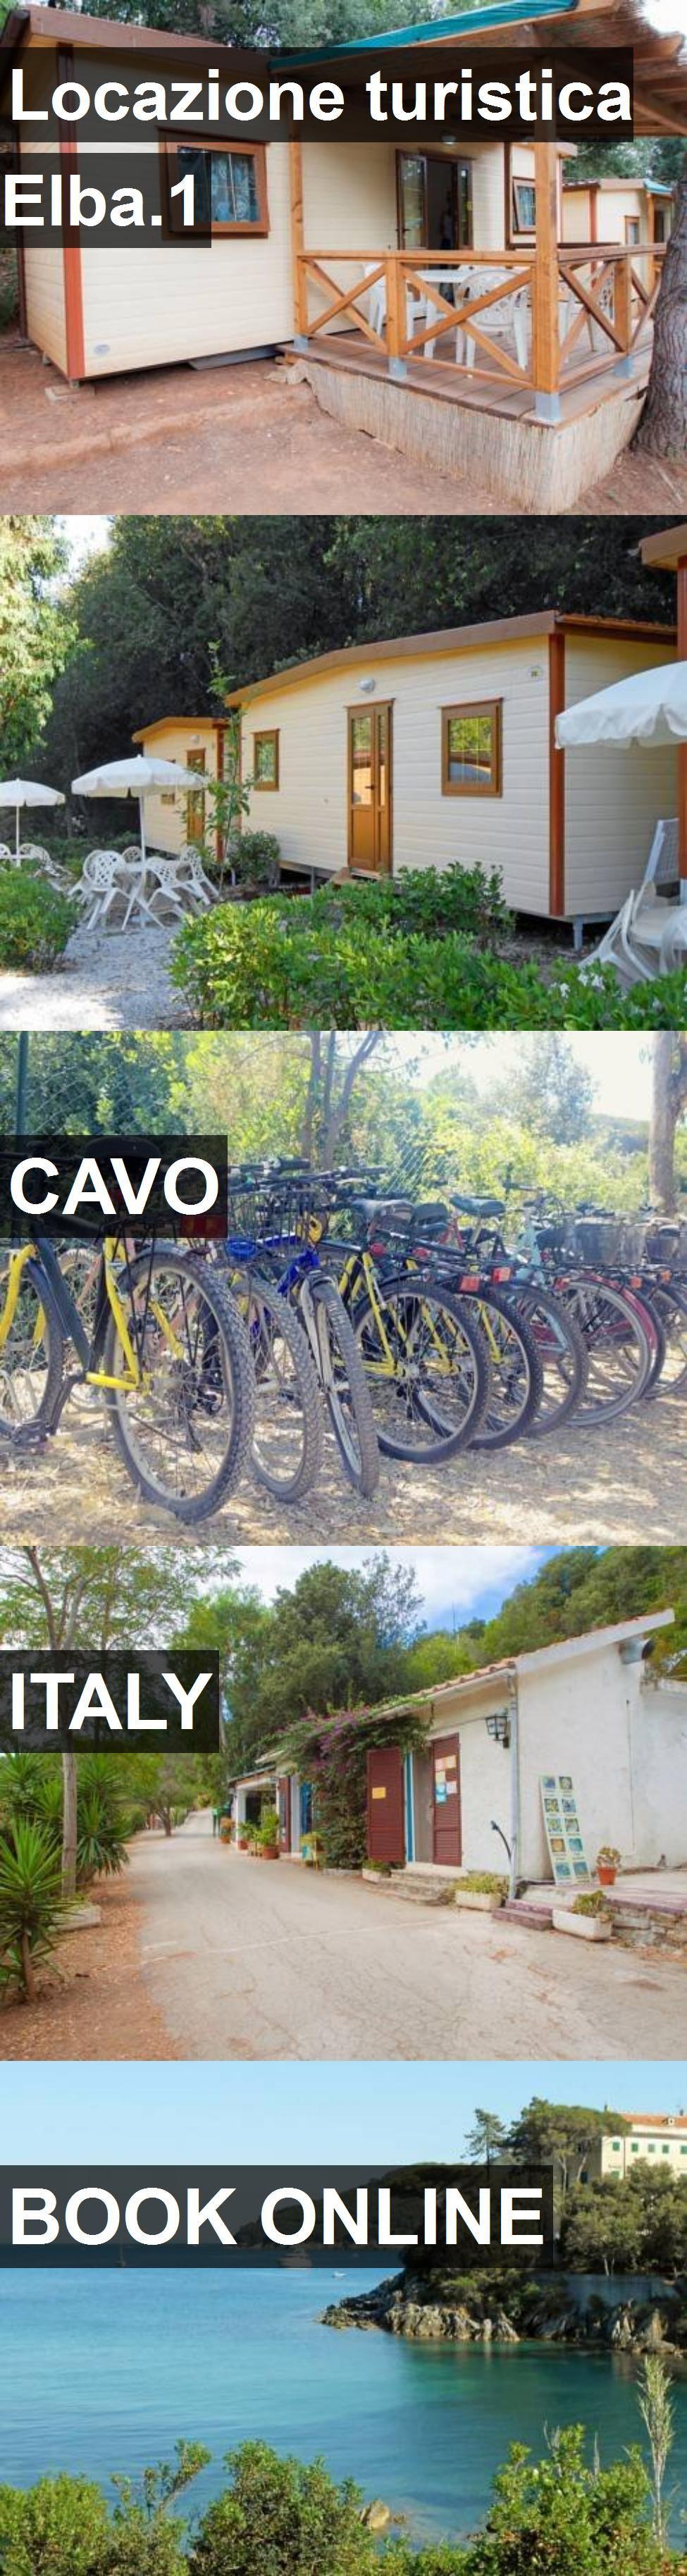 Hotel Locazione turistica Elba.1 in Cavo, Italy. For more